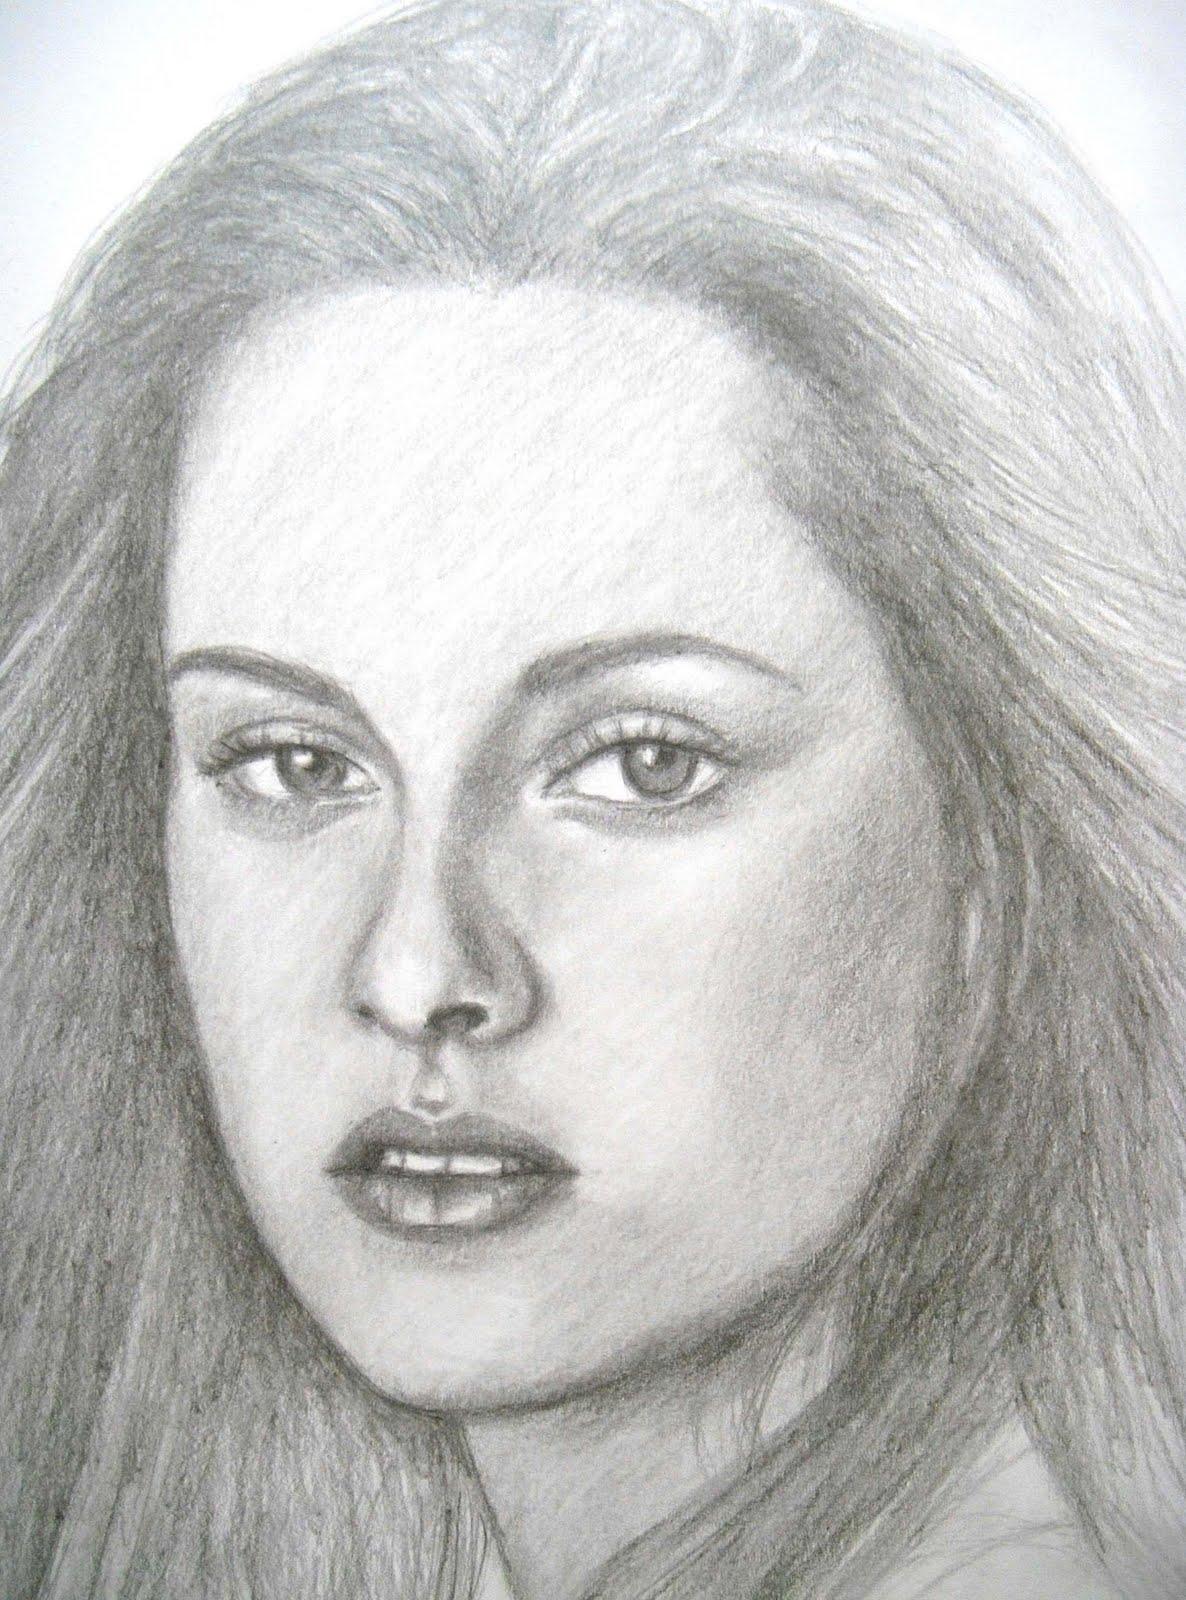 Drawn portrait shaded face Grace Progress STEWART Progress: In